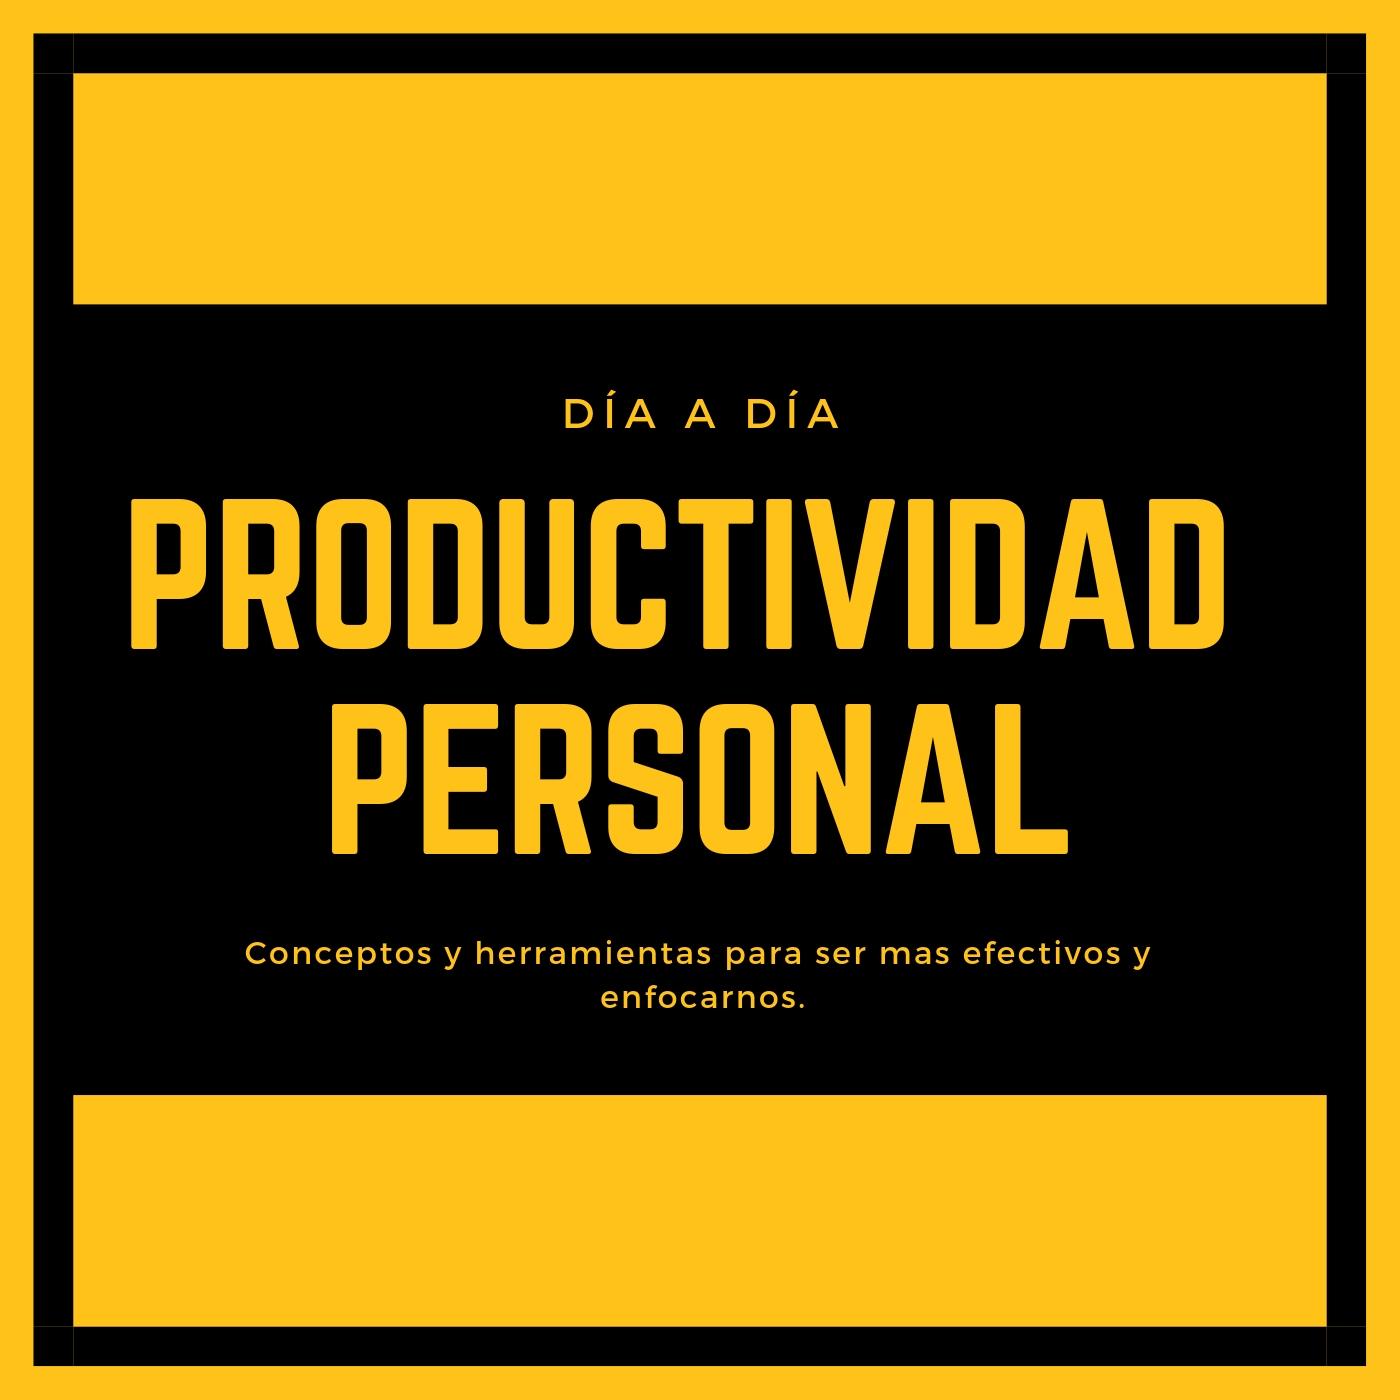 Productividad Personal Día a Día